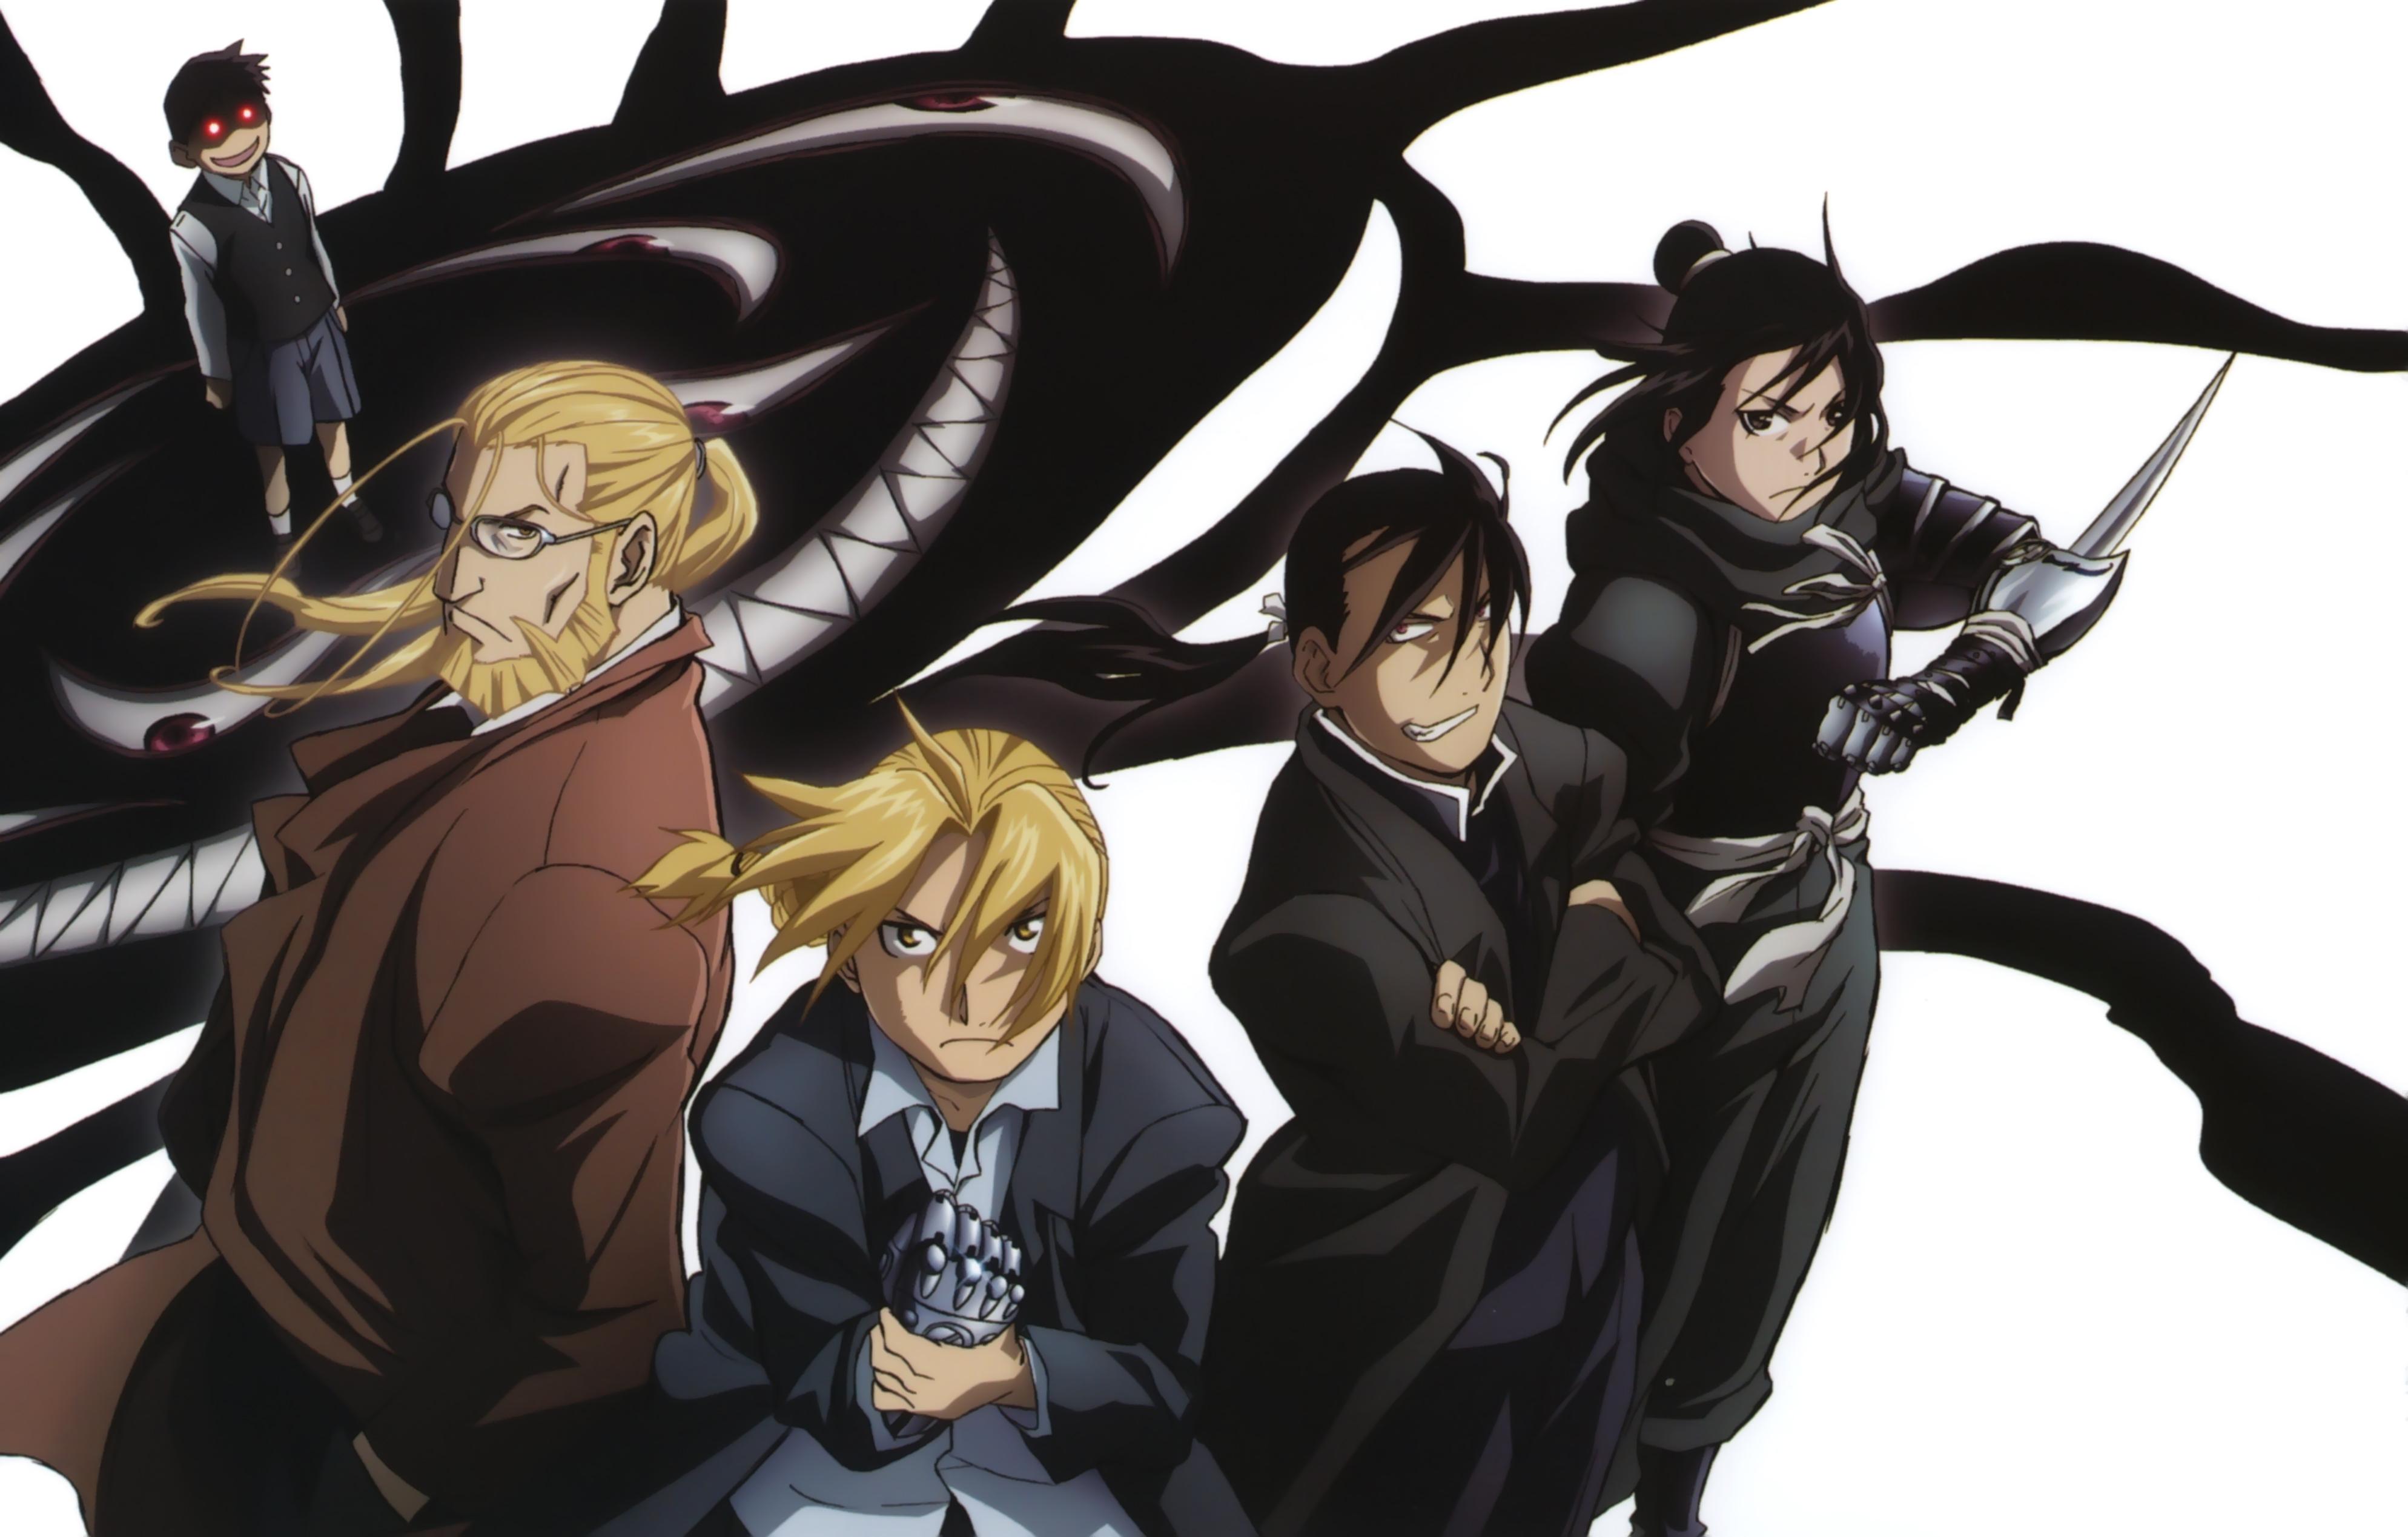 Pride (FMA), Fanart - Zerochan Anime Image Board